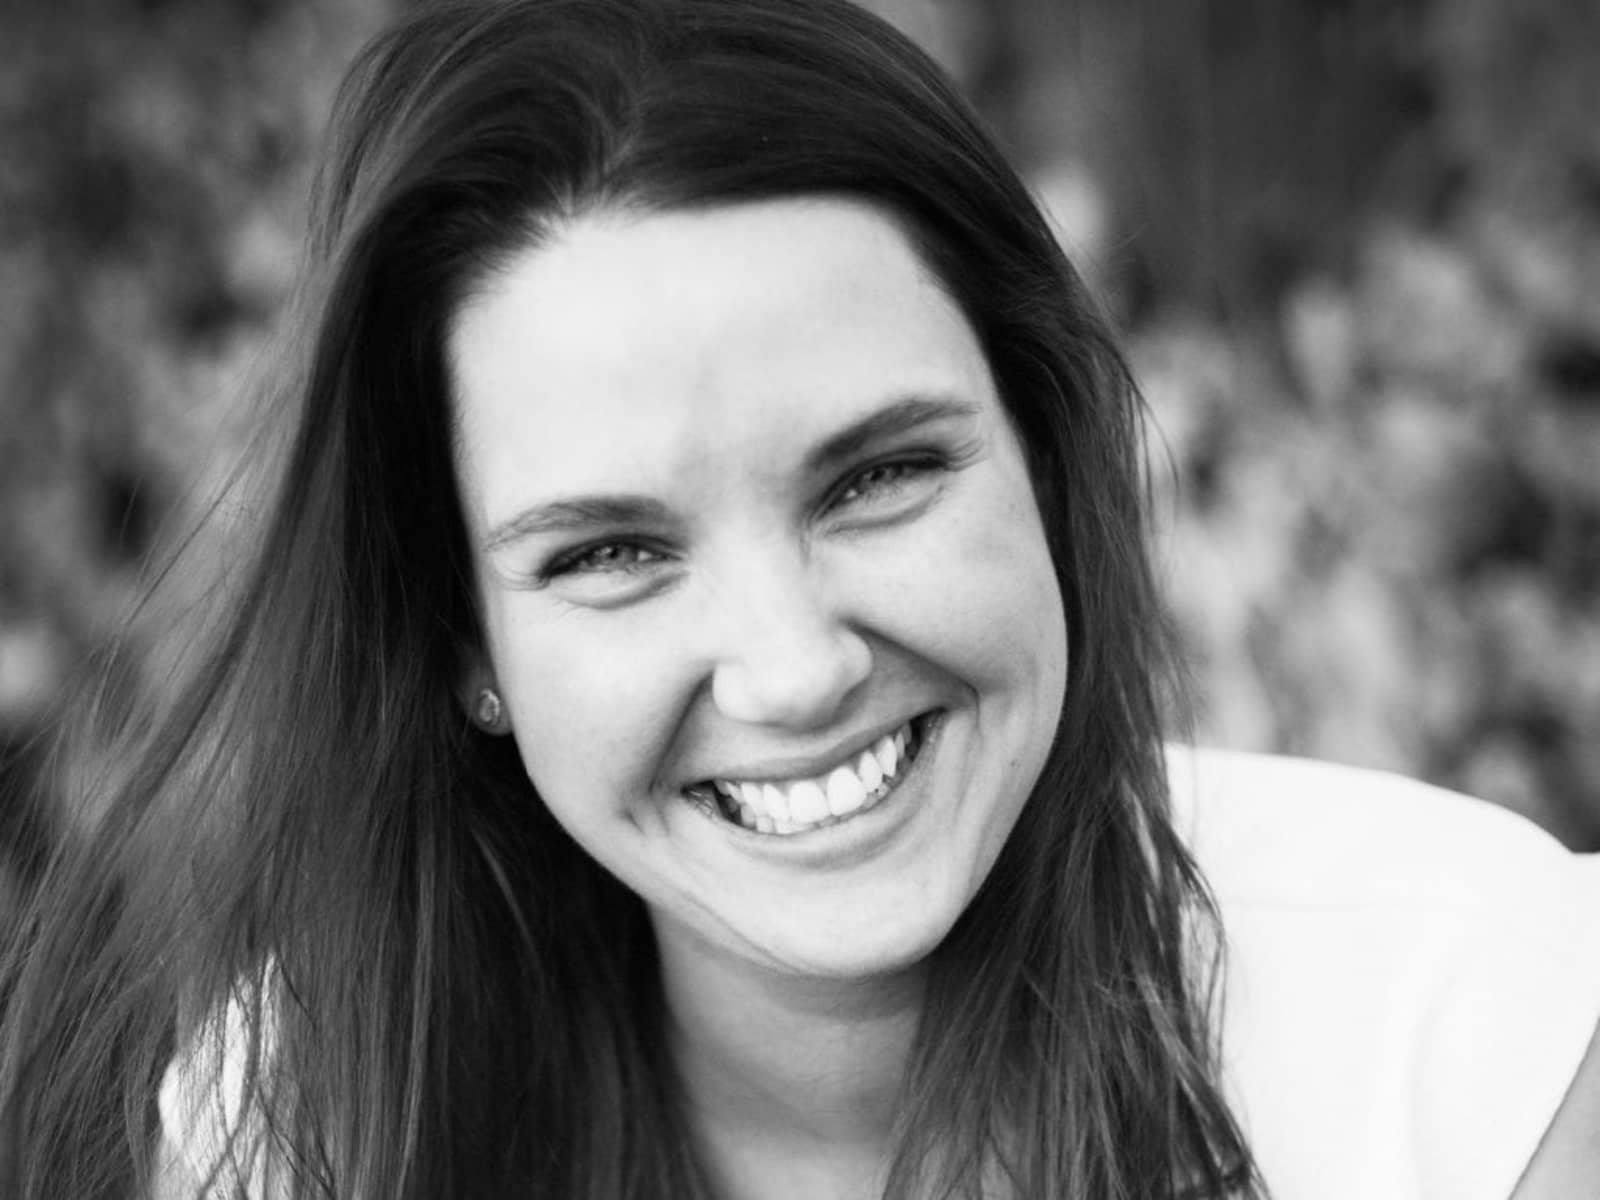 Amanda from Denver, Colorado, United States